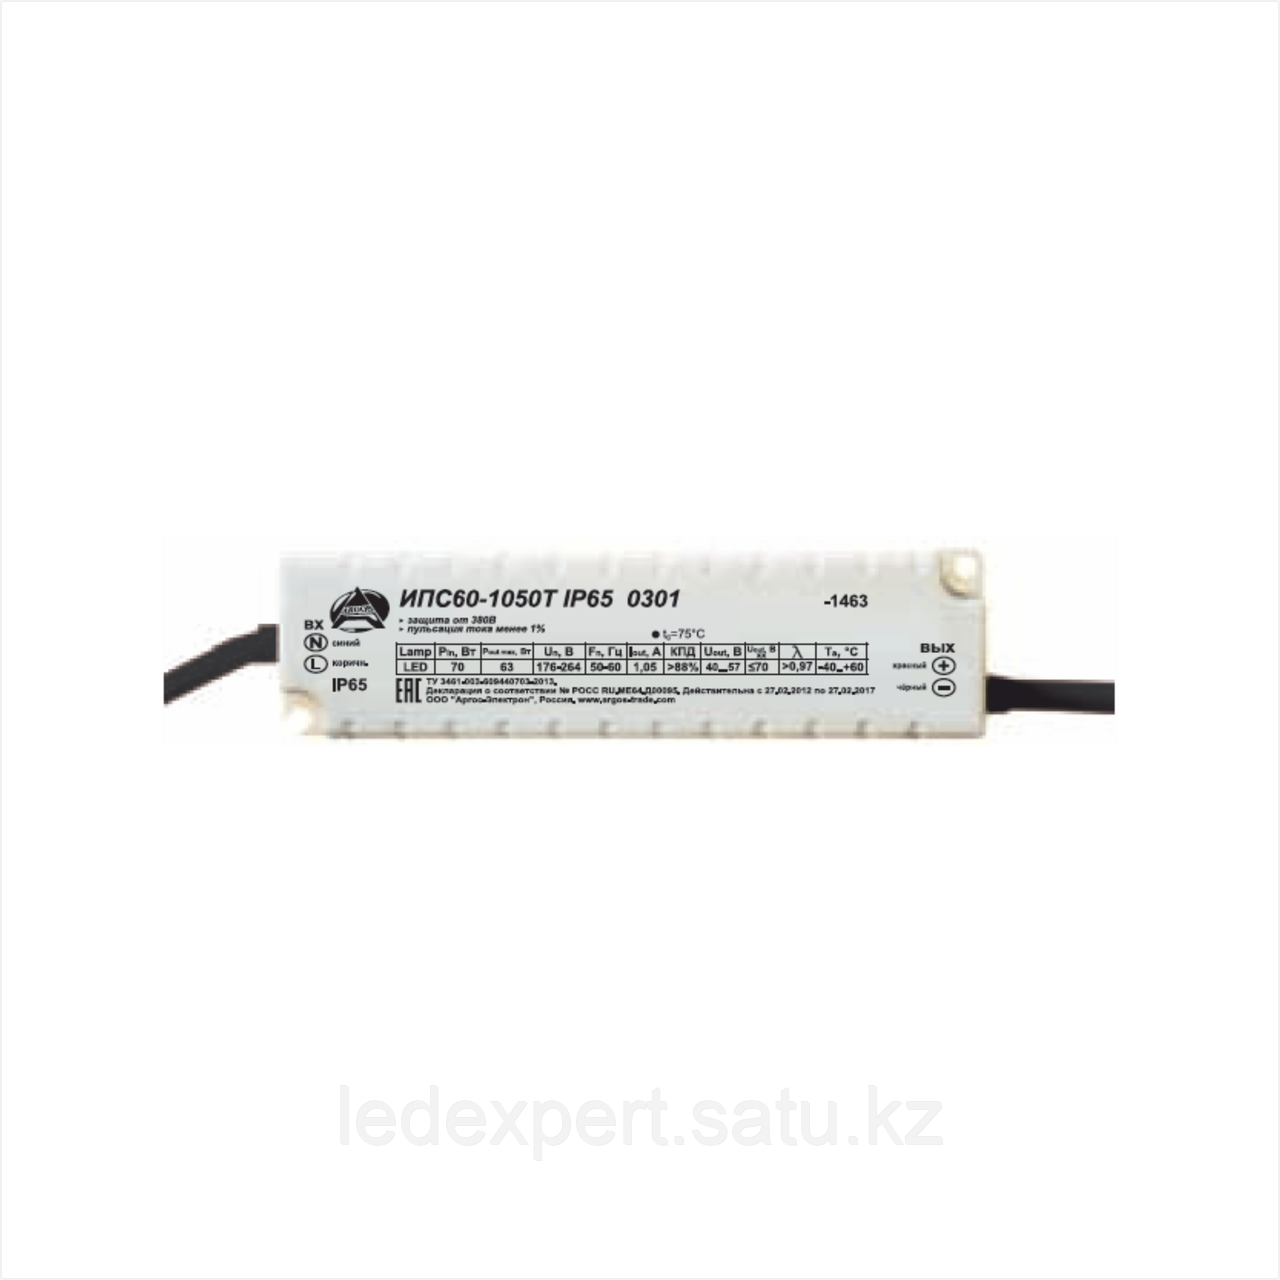 Источник питания Аргос ИПС60-1050Т IP67 0300